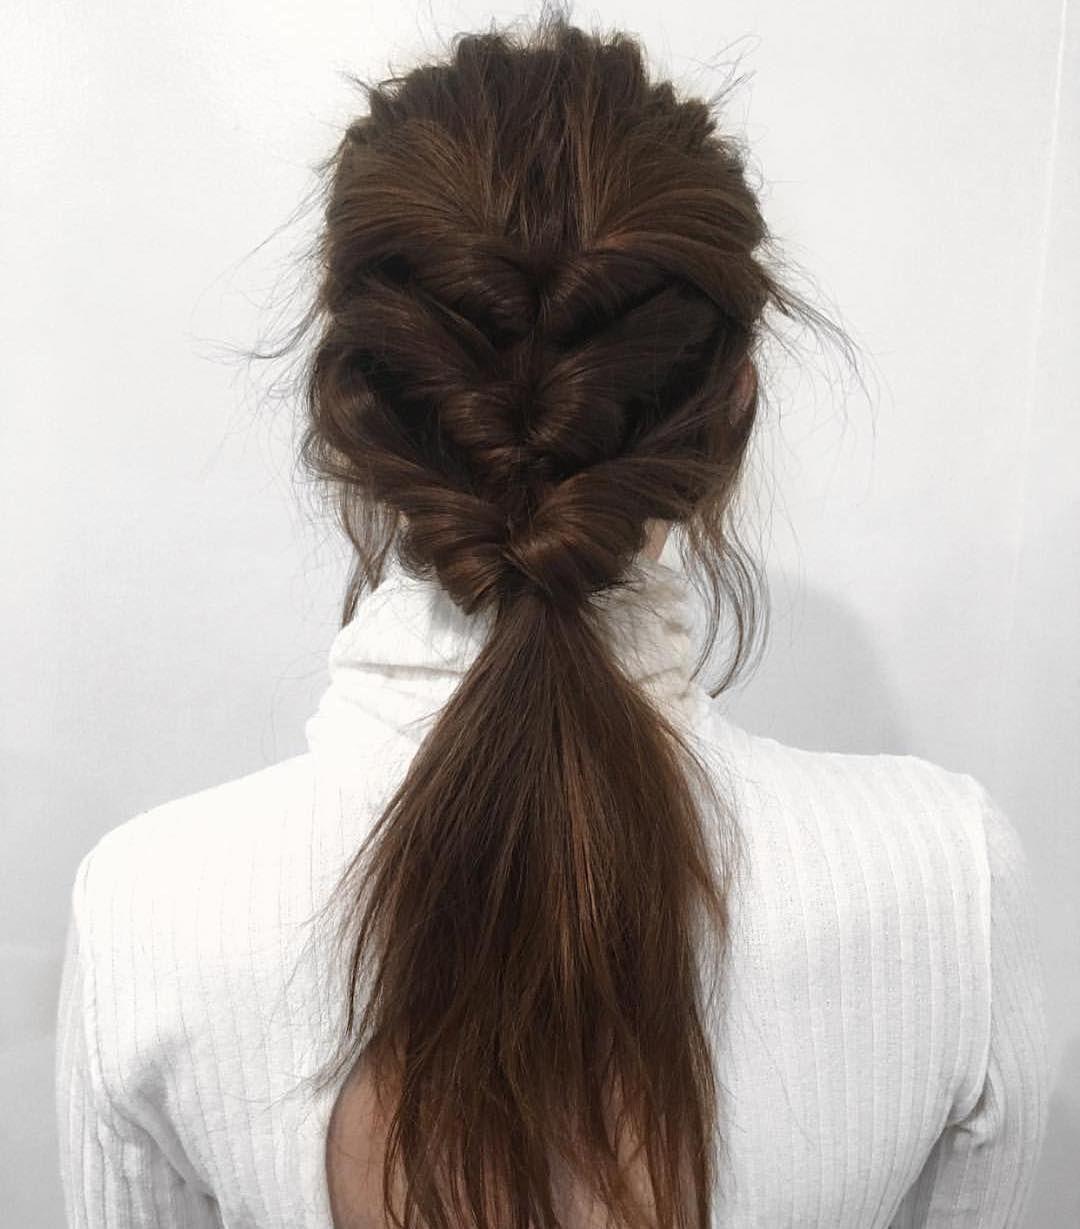 10 Angesagtesten Pferdeschwanz-Frisuren für Lange Haare – Einfach Pferdeschwanz //  #Angesagtesten #Einfach #für #Haare #lange #Pferdeschwanz #PferdeschwanzFrisuren #ponytailhairstyles